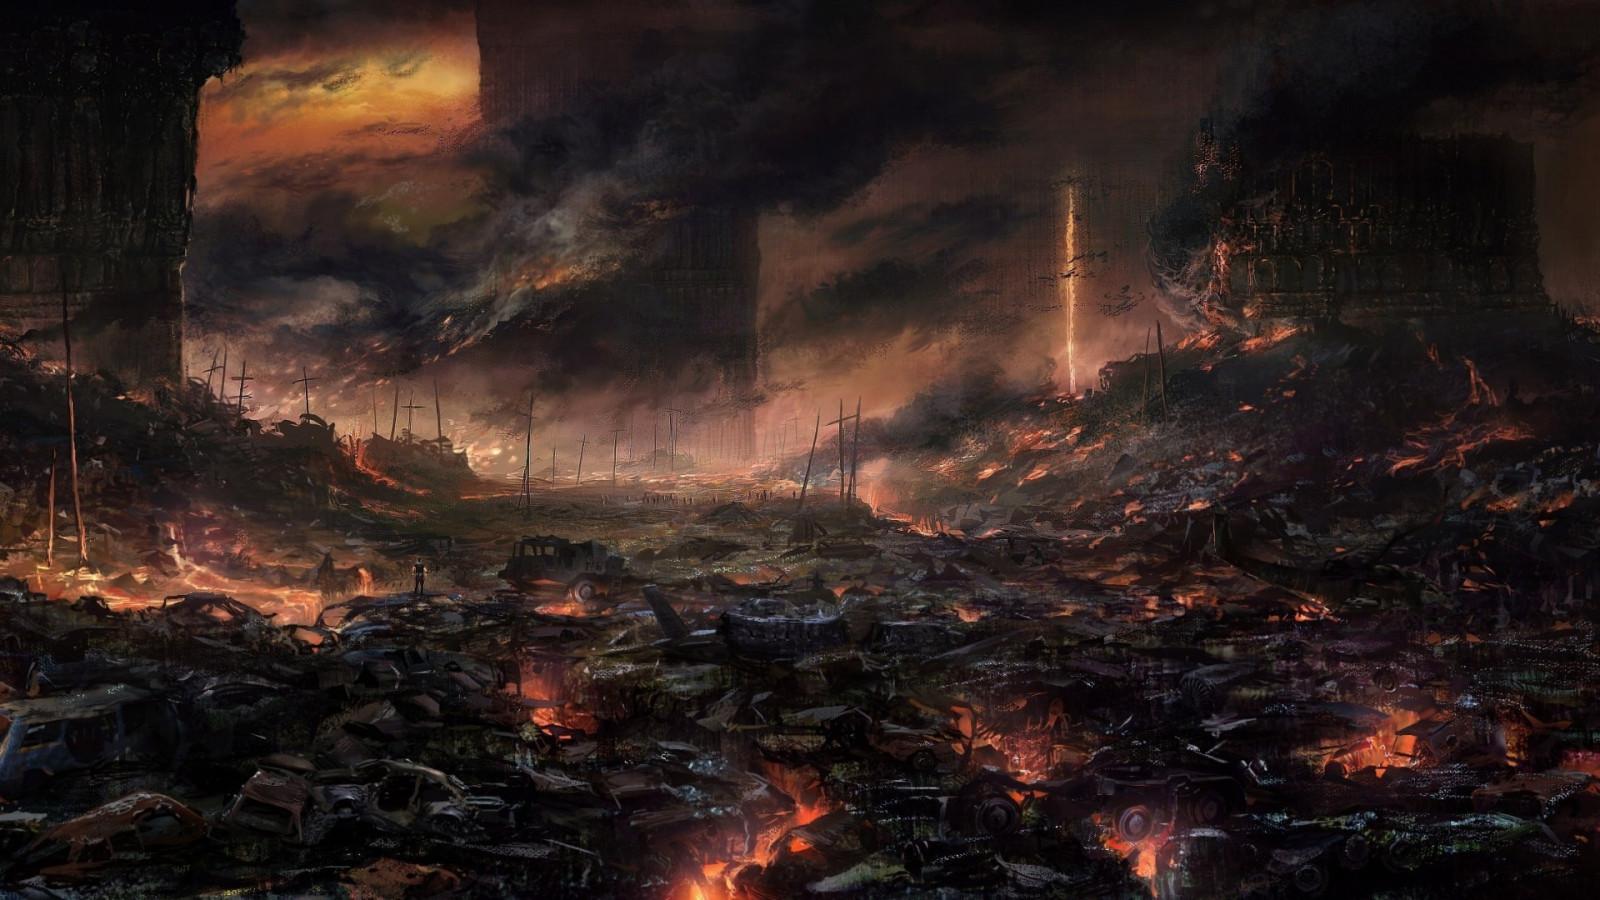 fond d 39 cran paysage apocalyptique ciel ouvrages d 39 art fum e feu atmosph re lave terre. Black Bedroom Furniture Sets. Home Design Ideas